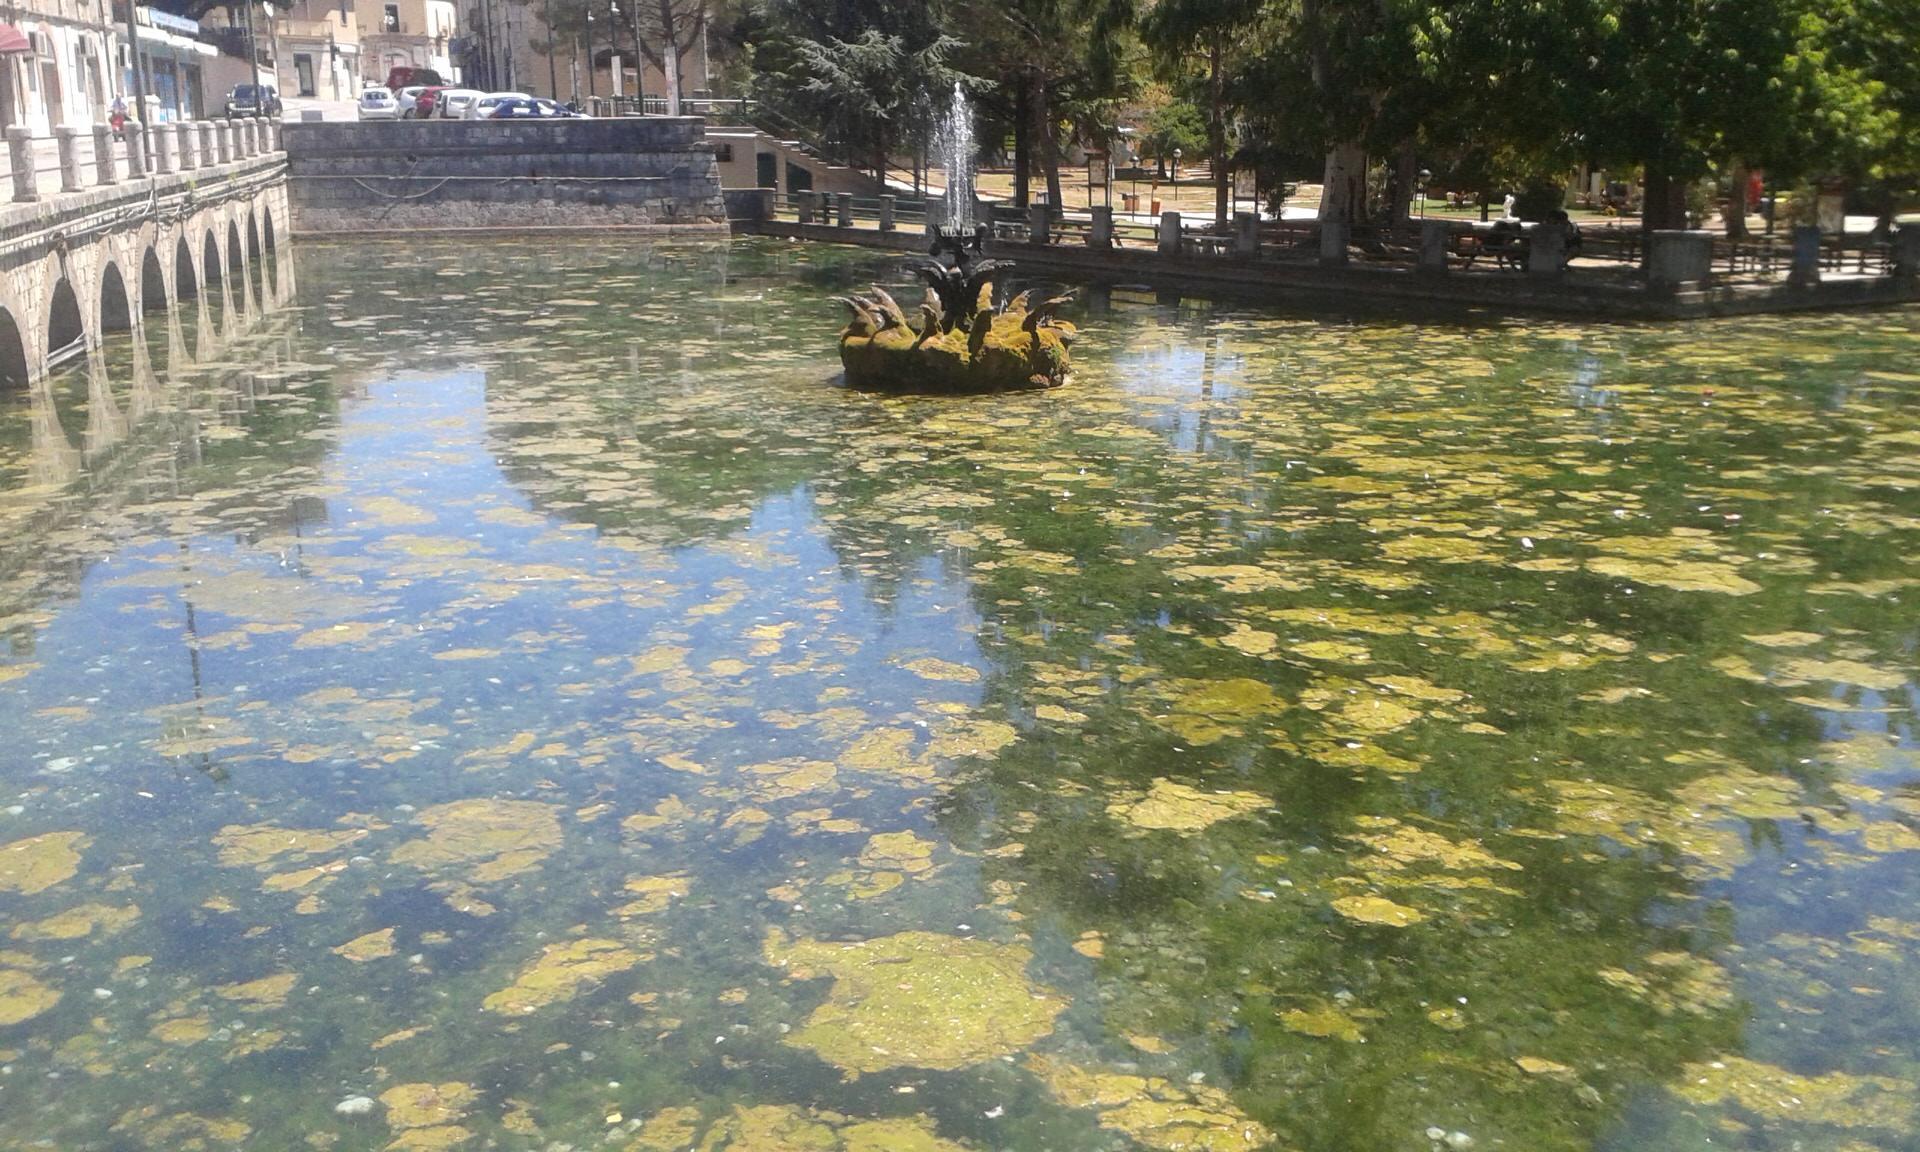 Alghe plastica barattoli carta e rifiuti vari nel for Alghe filamentose nel laghetto